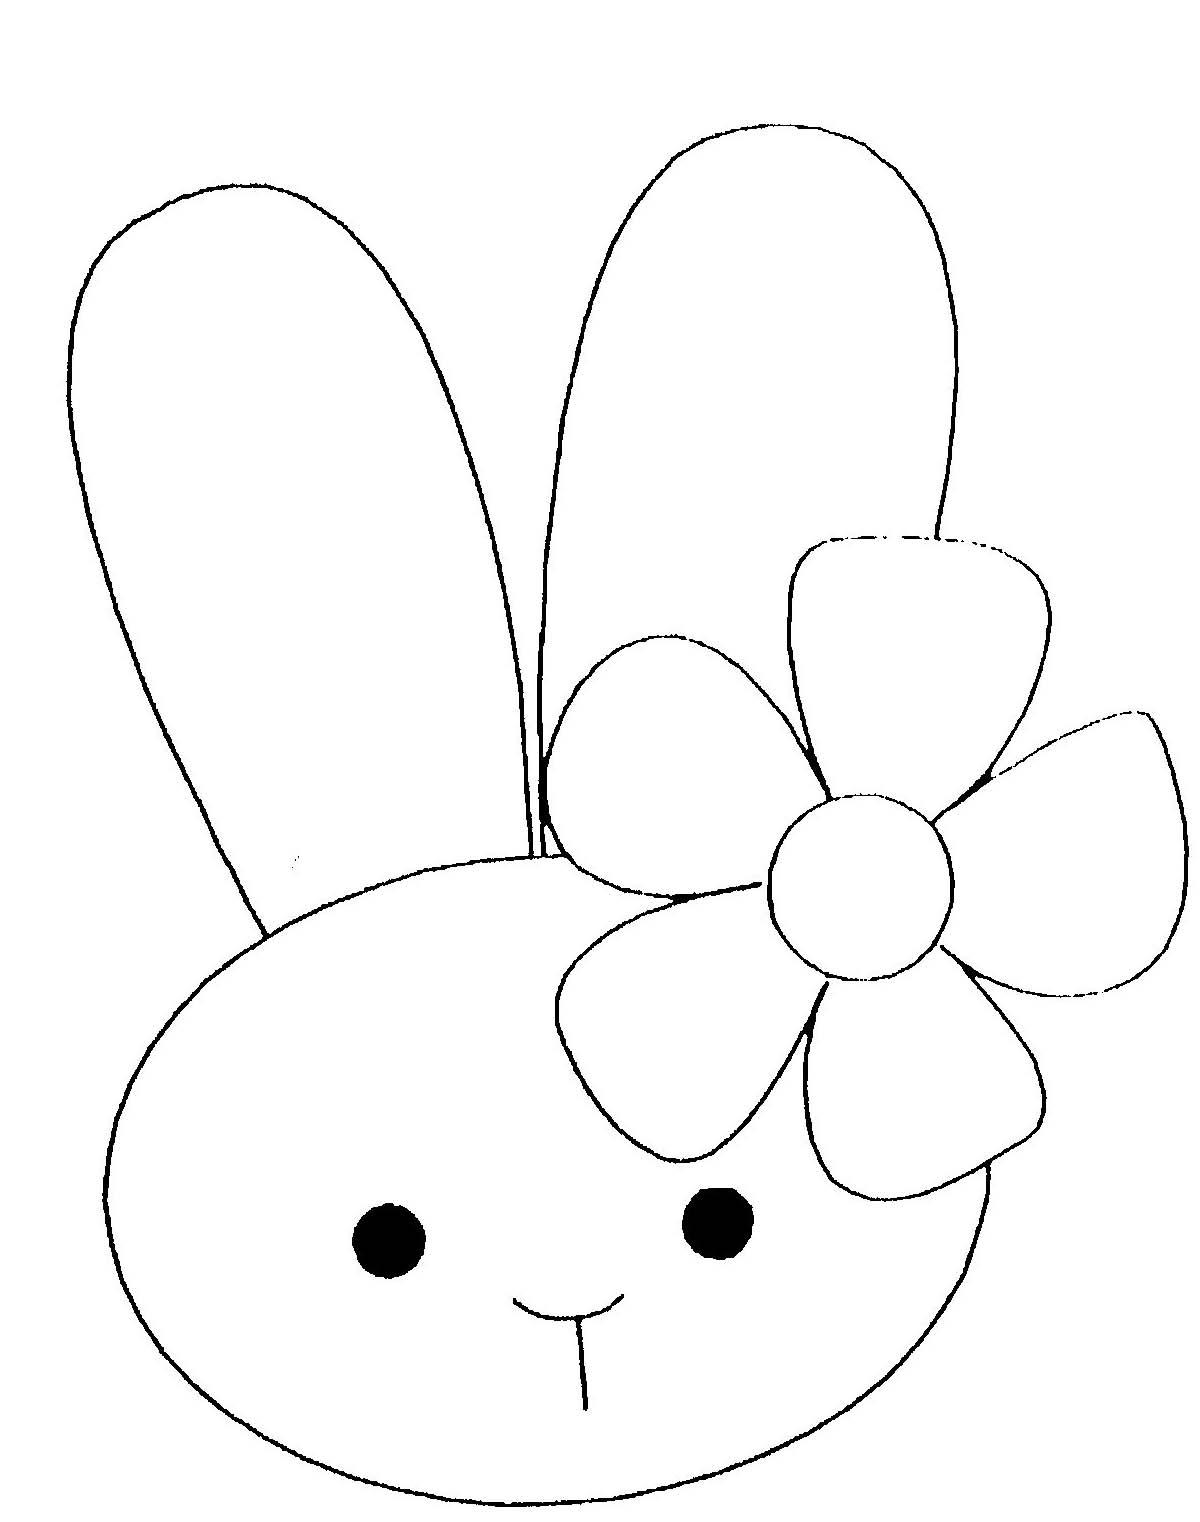 Coloriage Lapin - Les Beaux Dessins De Animaux À Imprimer Et concernant Dessin De Lapin A Imprimer